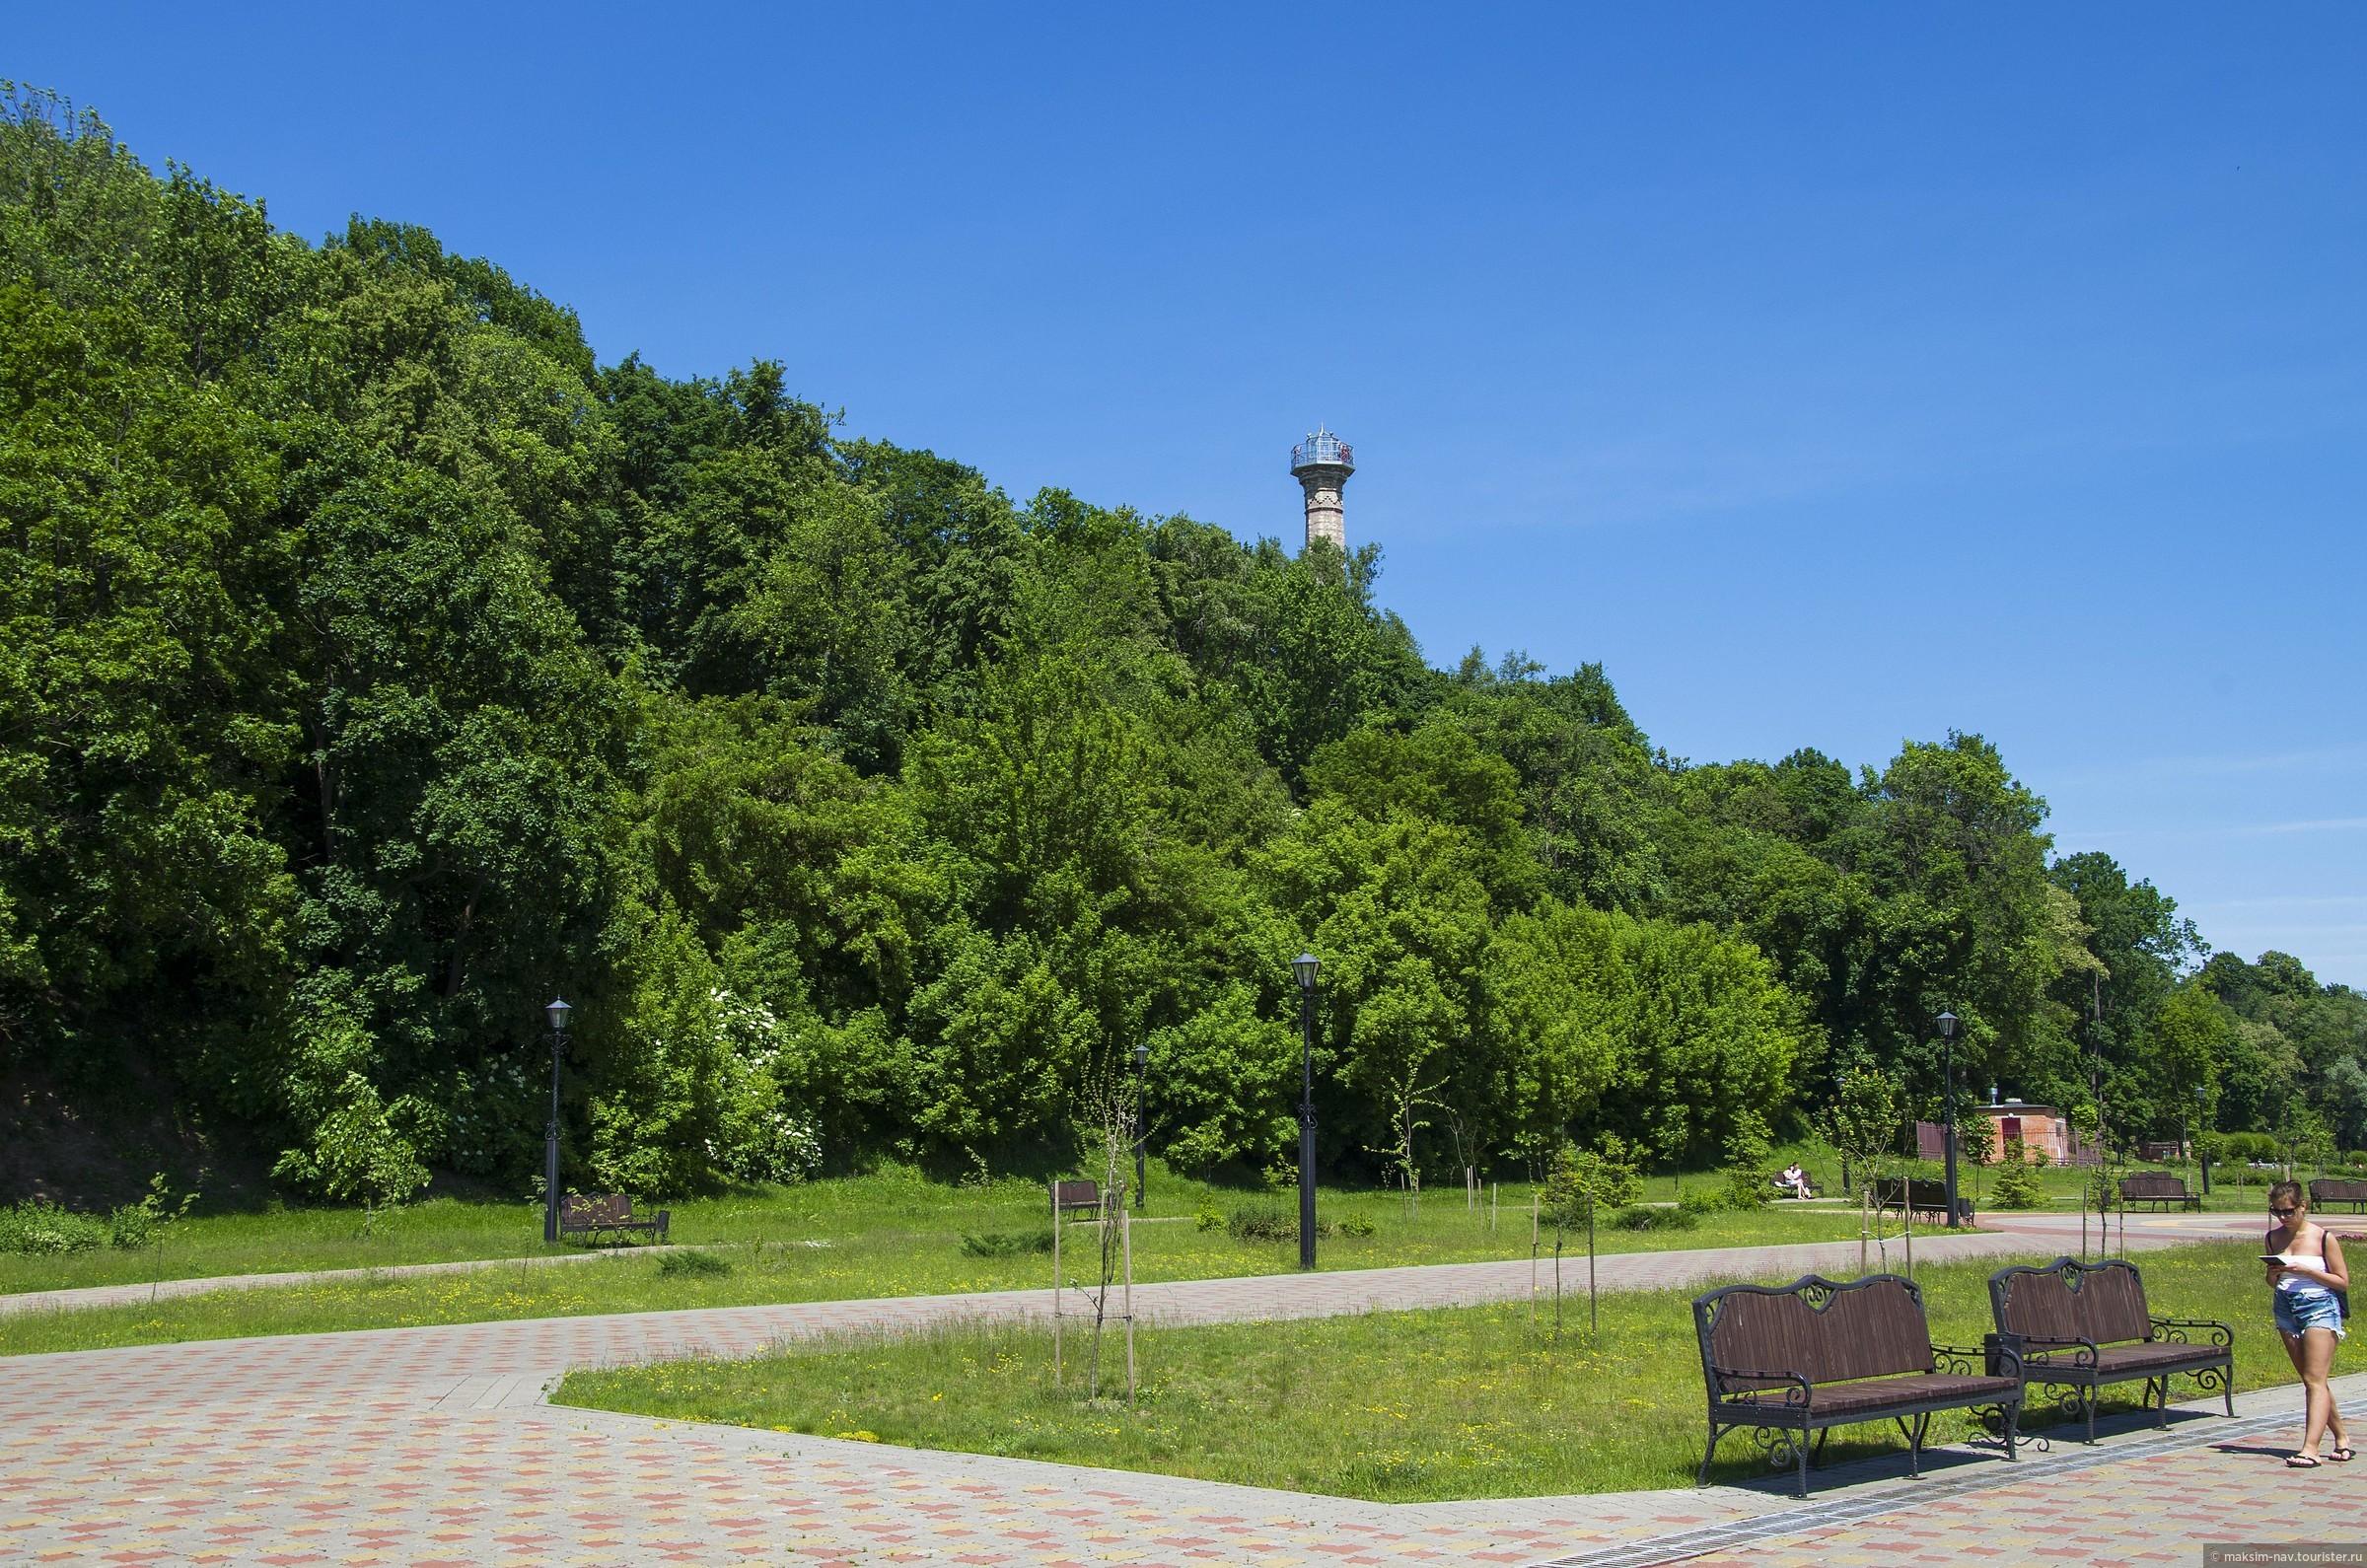 Однозначно, объектом номер один города, является Гомельский дворцово-парковый комплекс., Гомельский дворцово-парковый ансамбль.